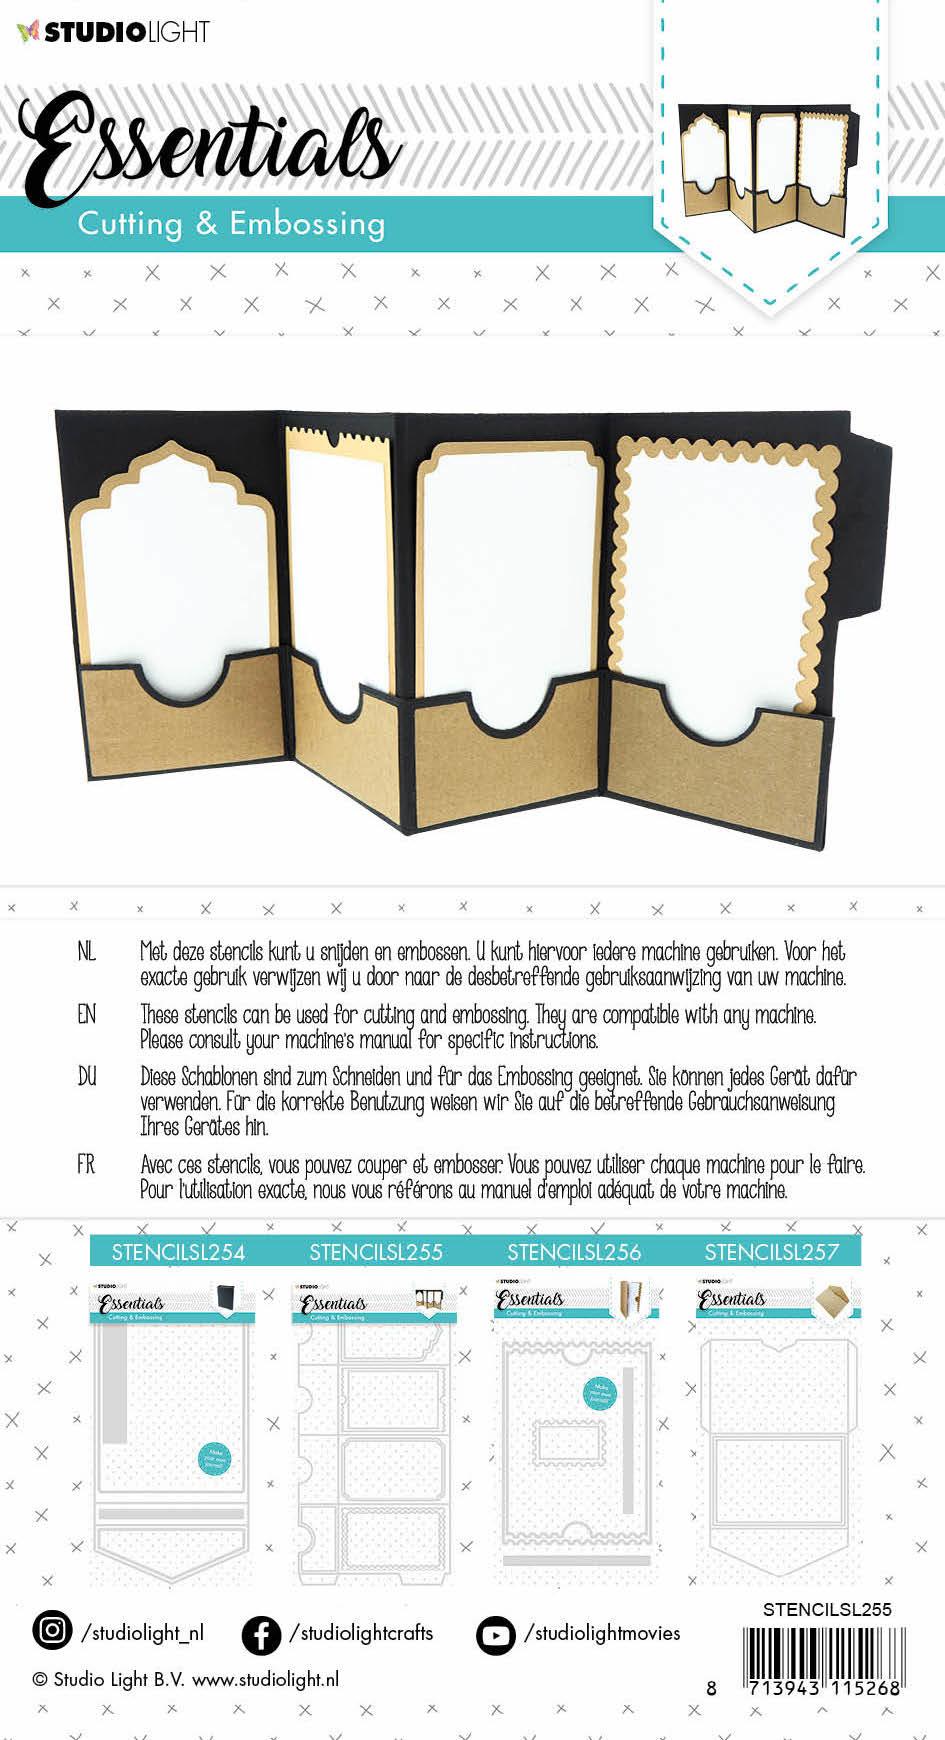 Studiolight Embossing Die Cut Essentials nr.255